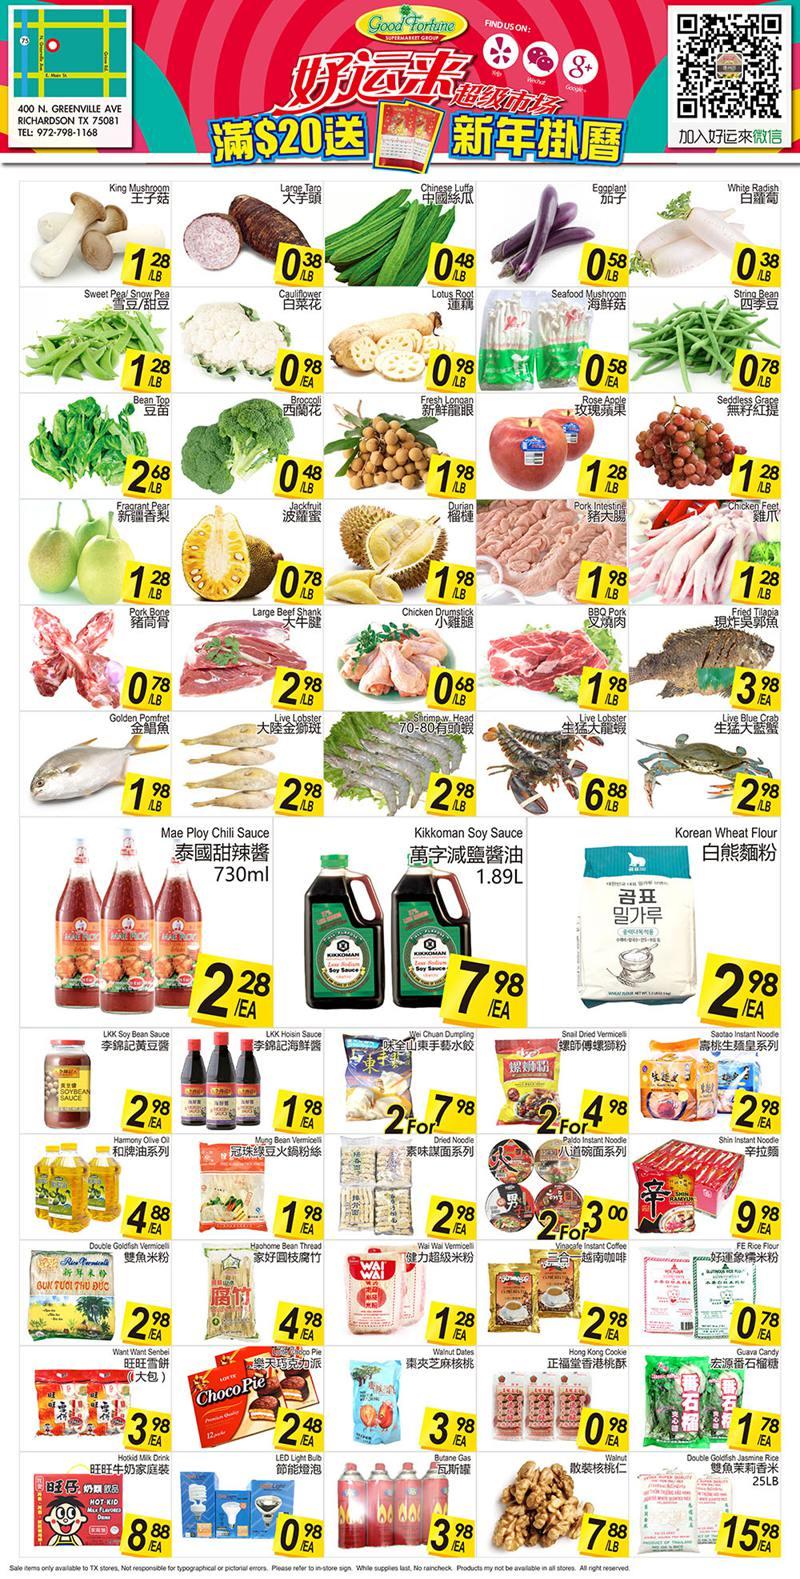 好运来超级市场12月8日到12月14日本周特价 满$20送新年挂历